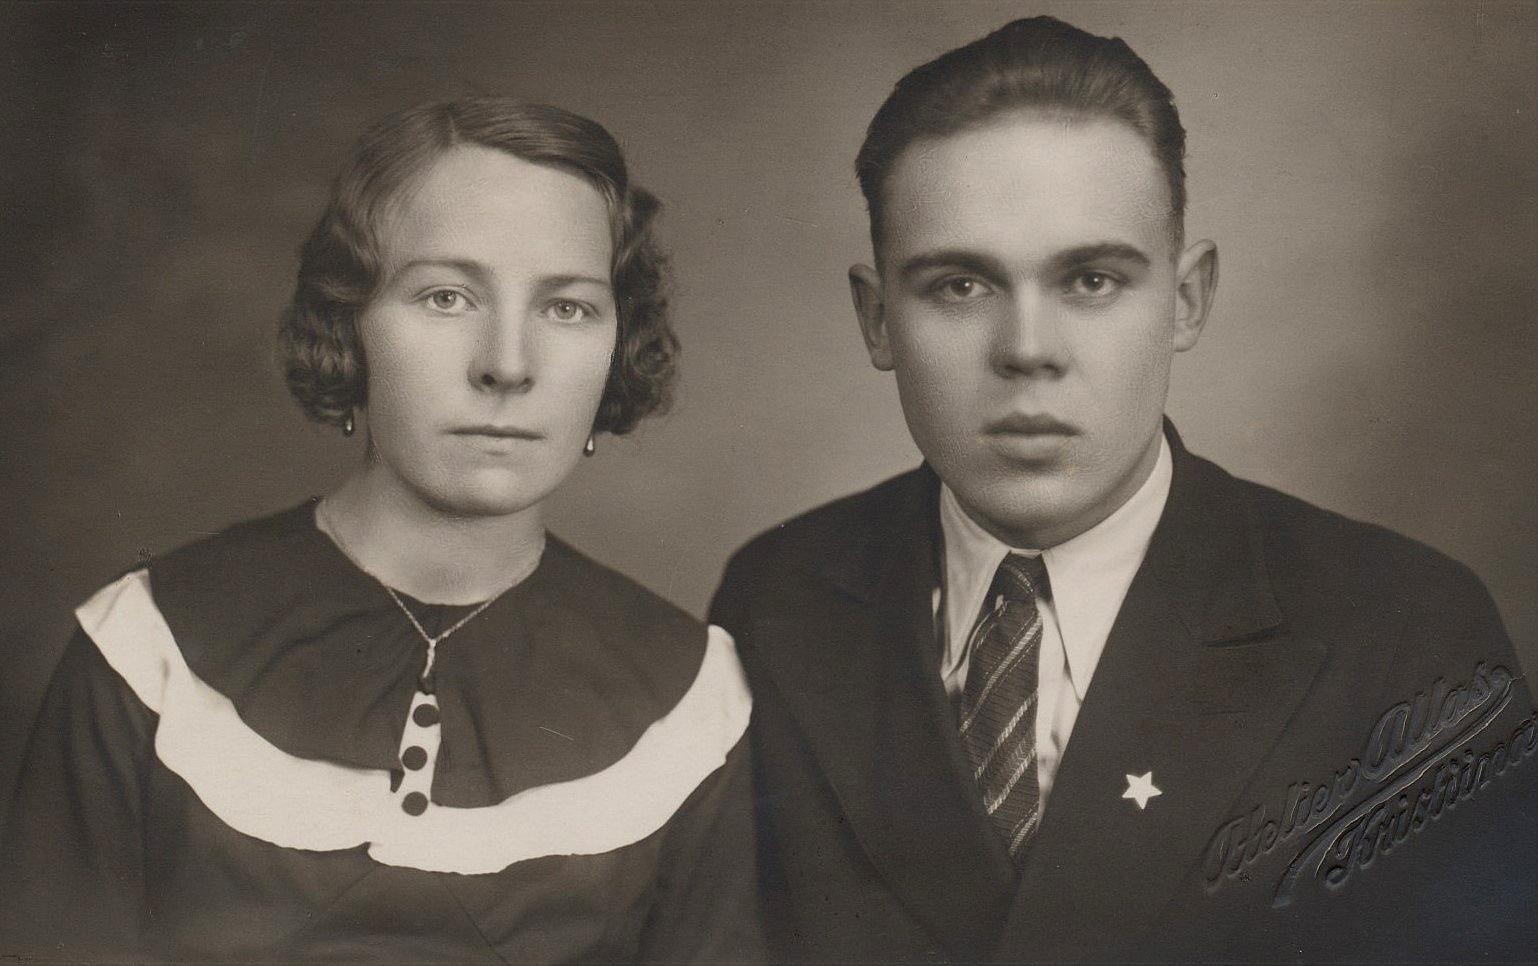 """Julen 1937 gifte sig Signe med Lennart Grans, som var son till """"Mattas-Viktor"""" och Hilda Grans."""